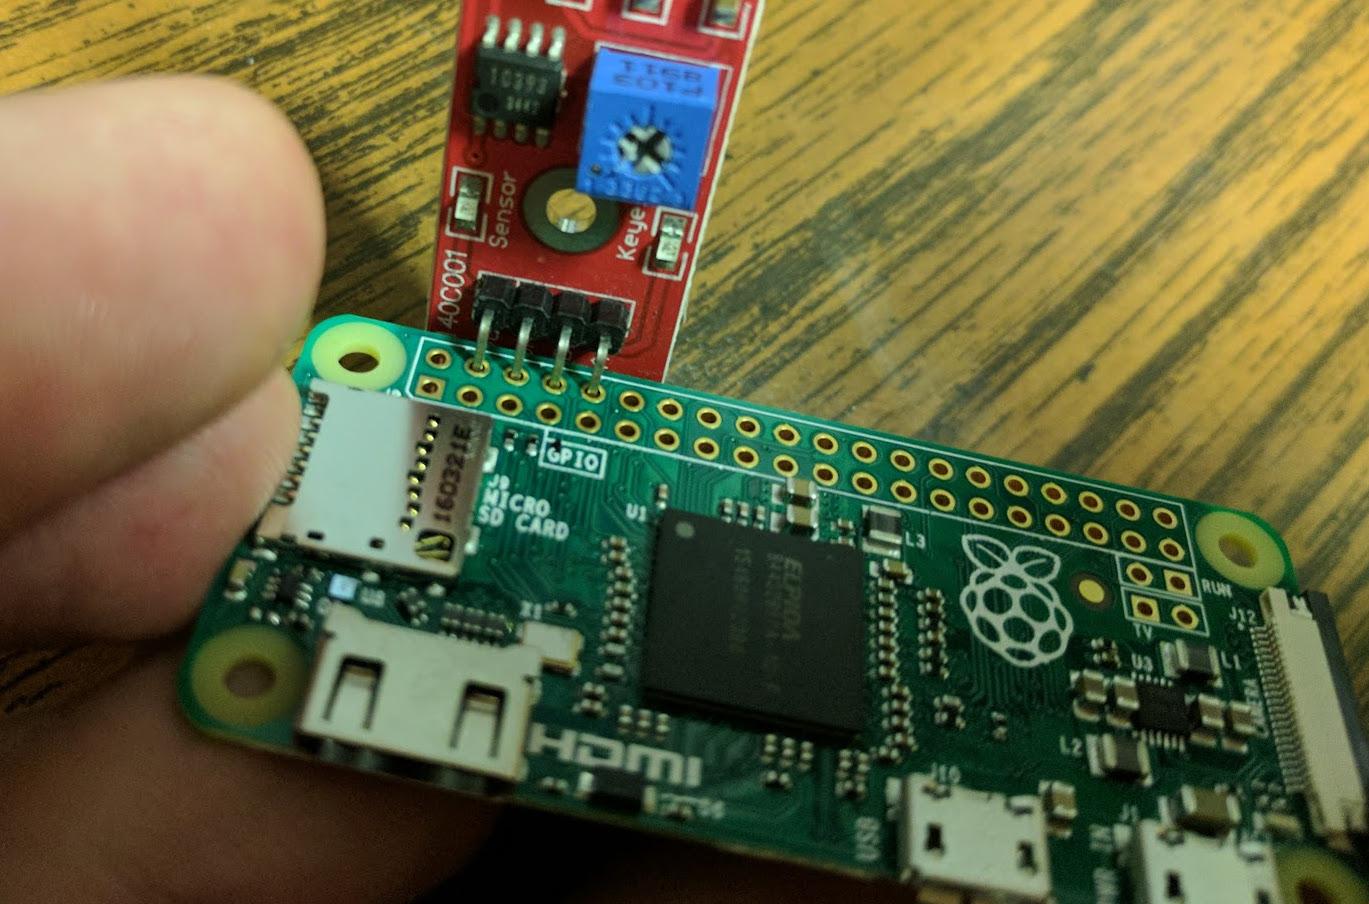 Sensor inserted